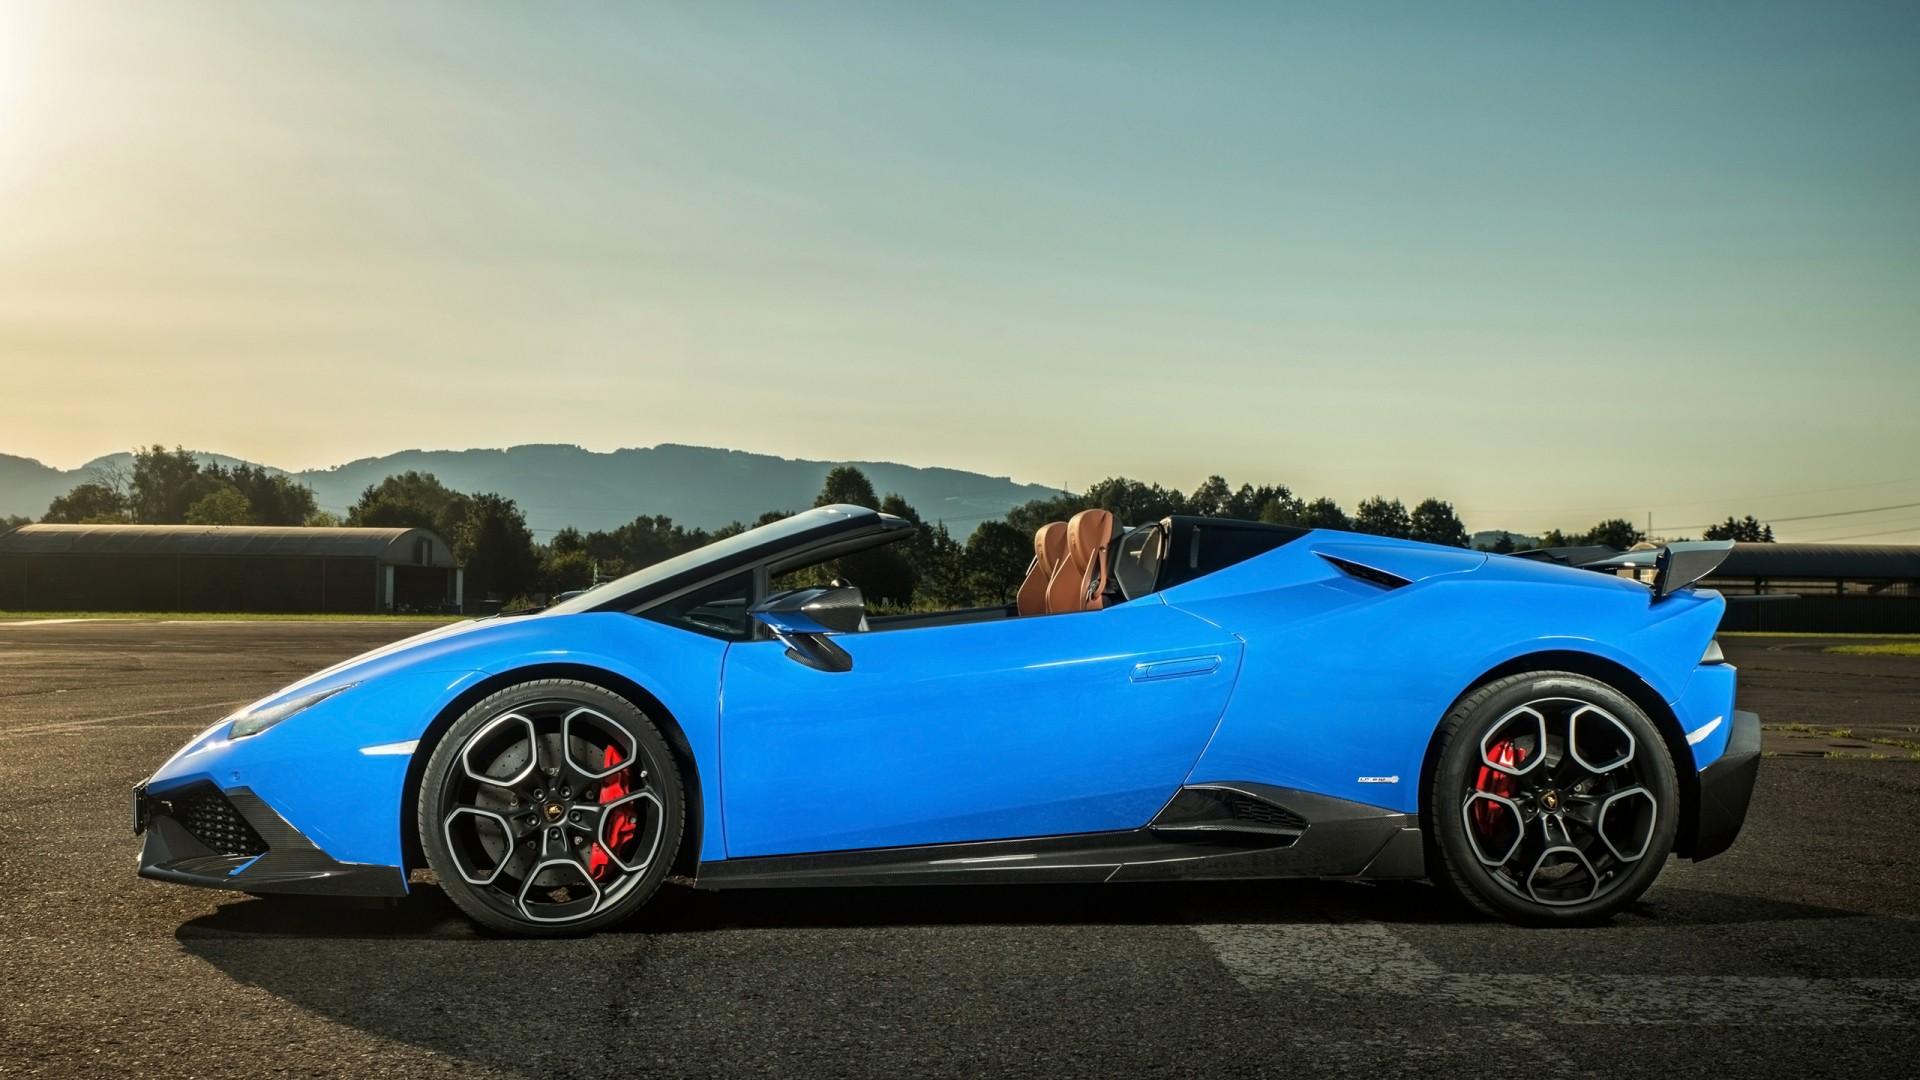 Jaguar Cars Images In Hd Wallpapers 2017 Oct Tuning Lamborghini Huracan Wallpaper Hd Car